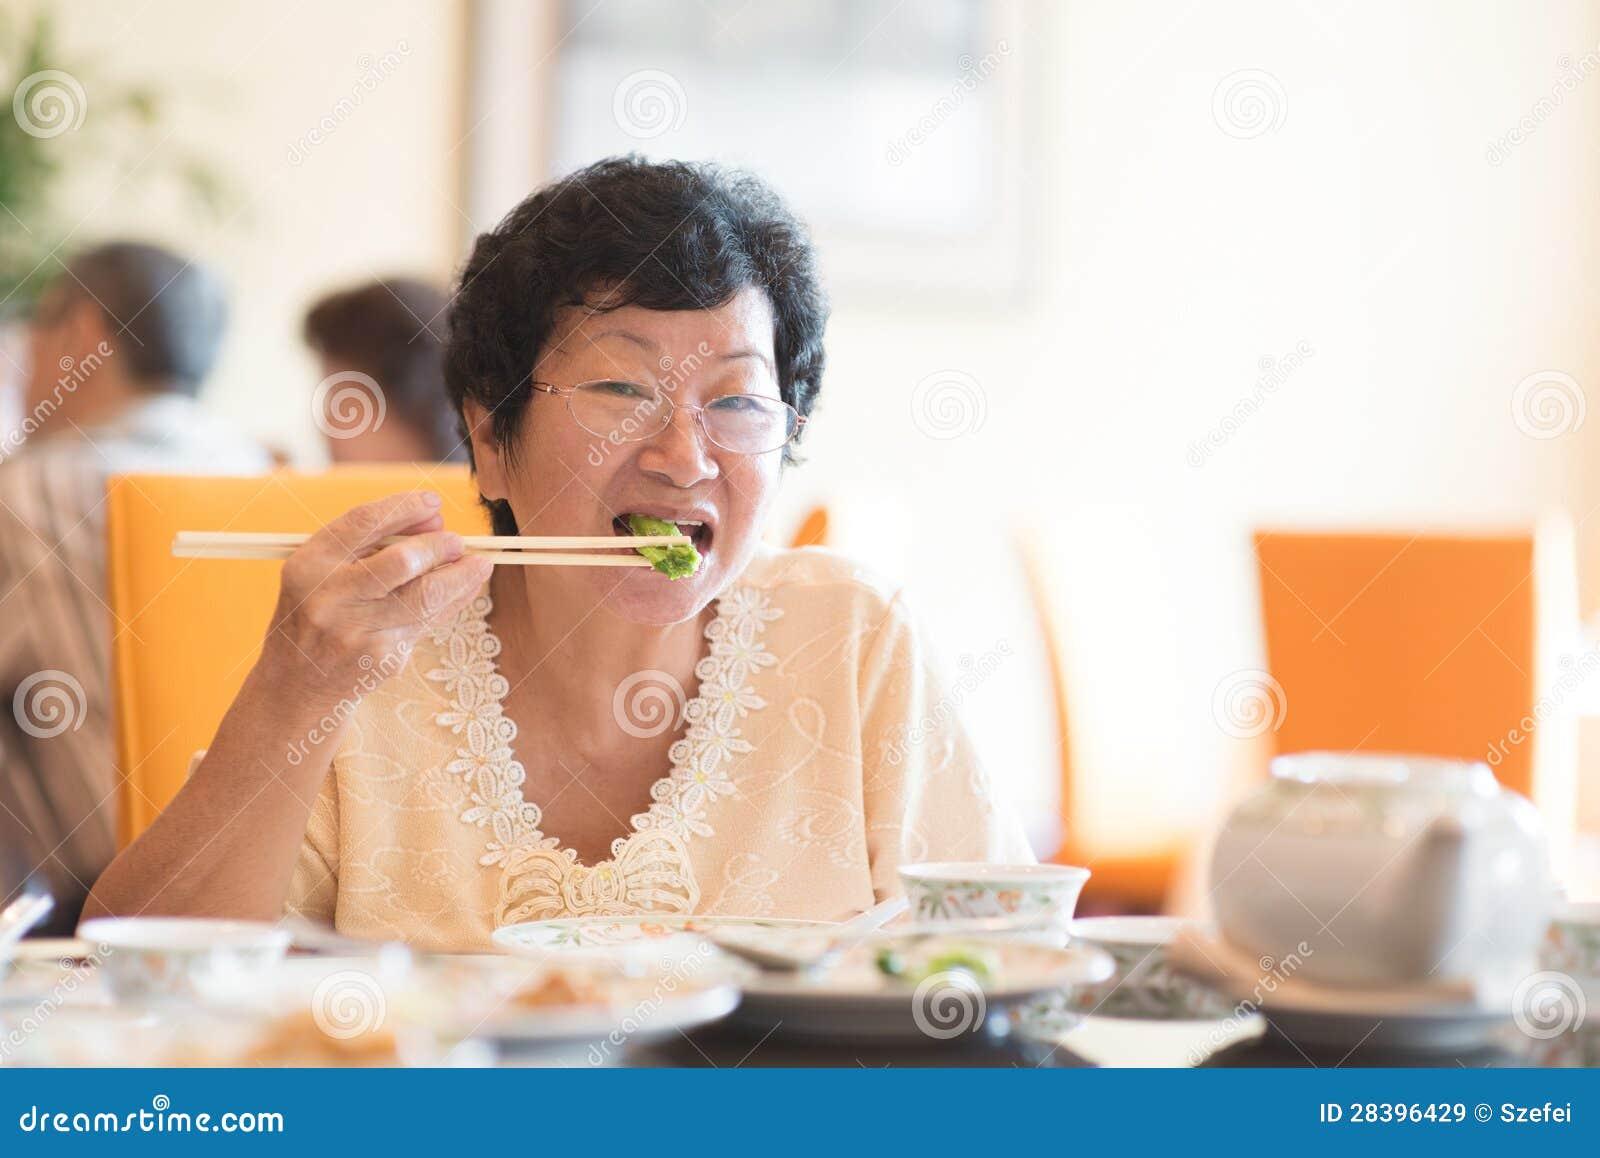 Hogere Aziatische Vrouw die groente eten